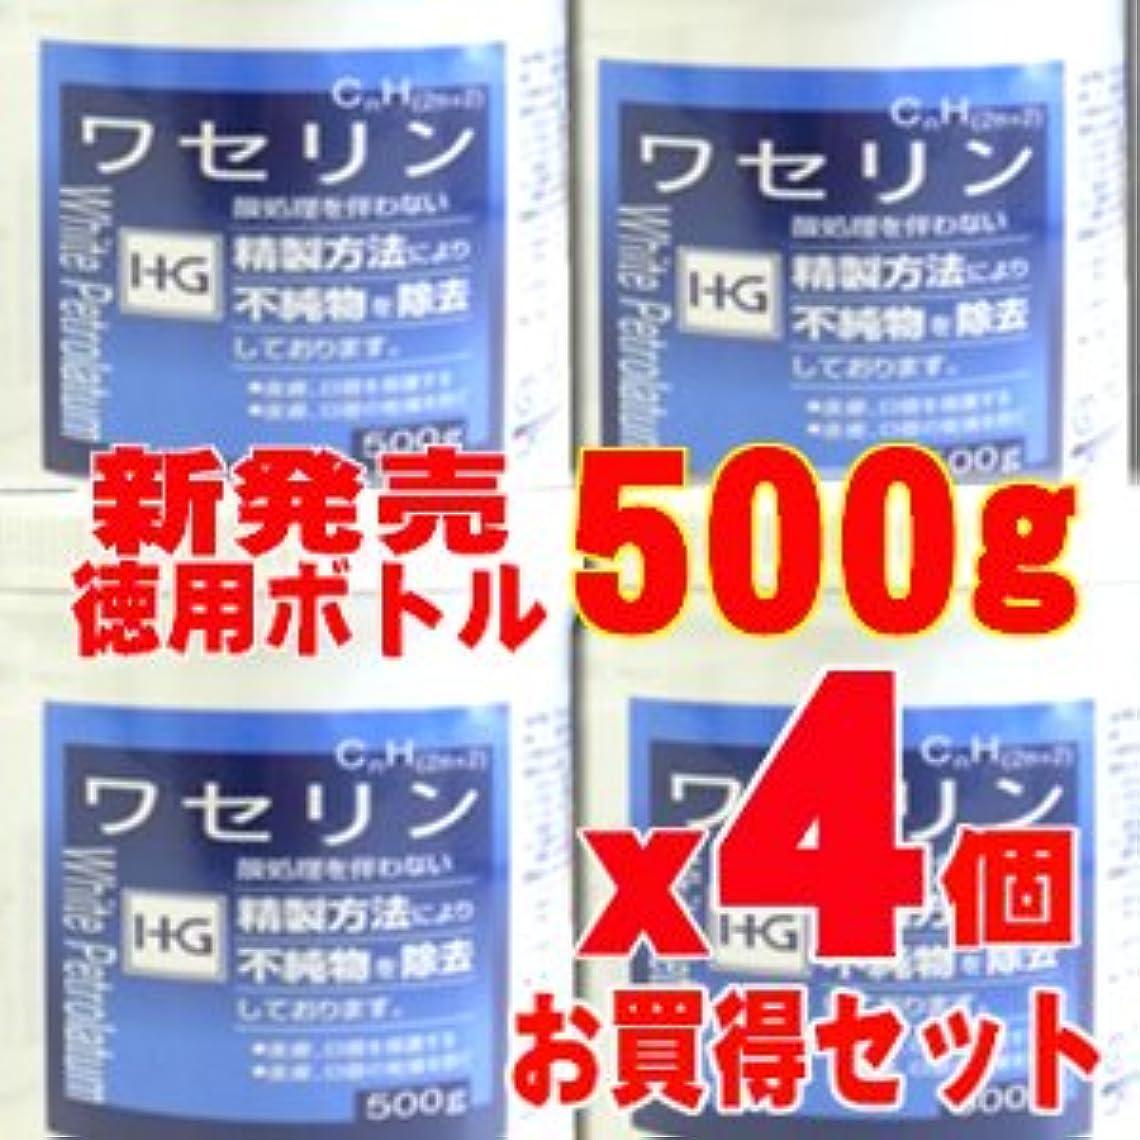 する必要がある疑いスナップ【敏感肌の方に最適!】皮膚保護 ワセリンHG 徳用500gx4個セット